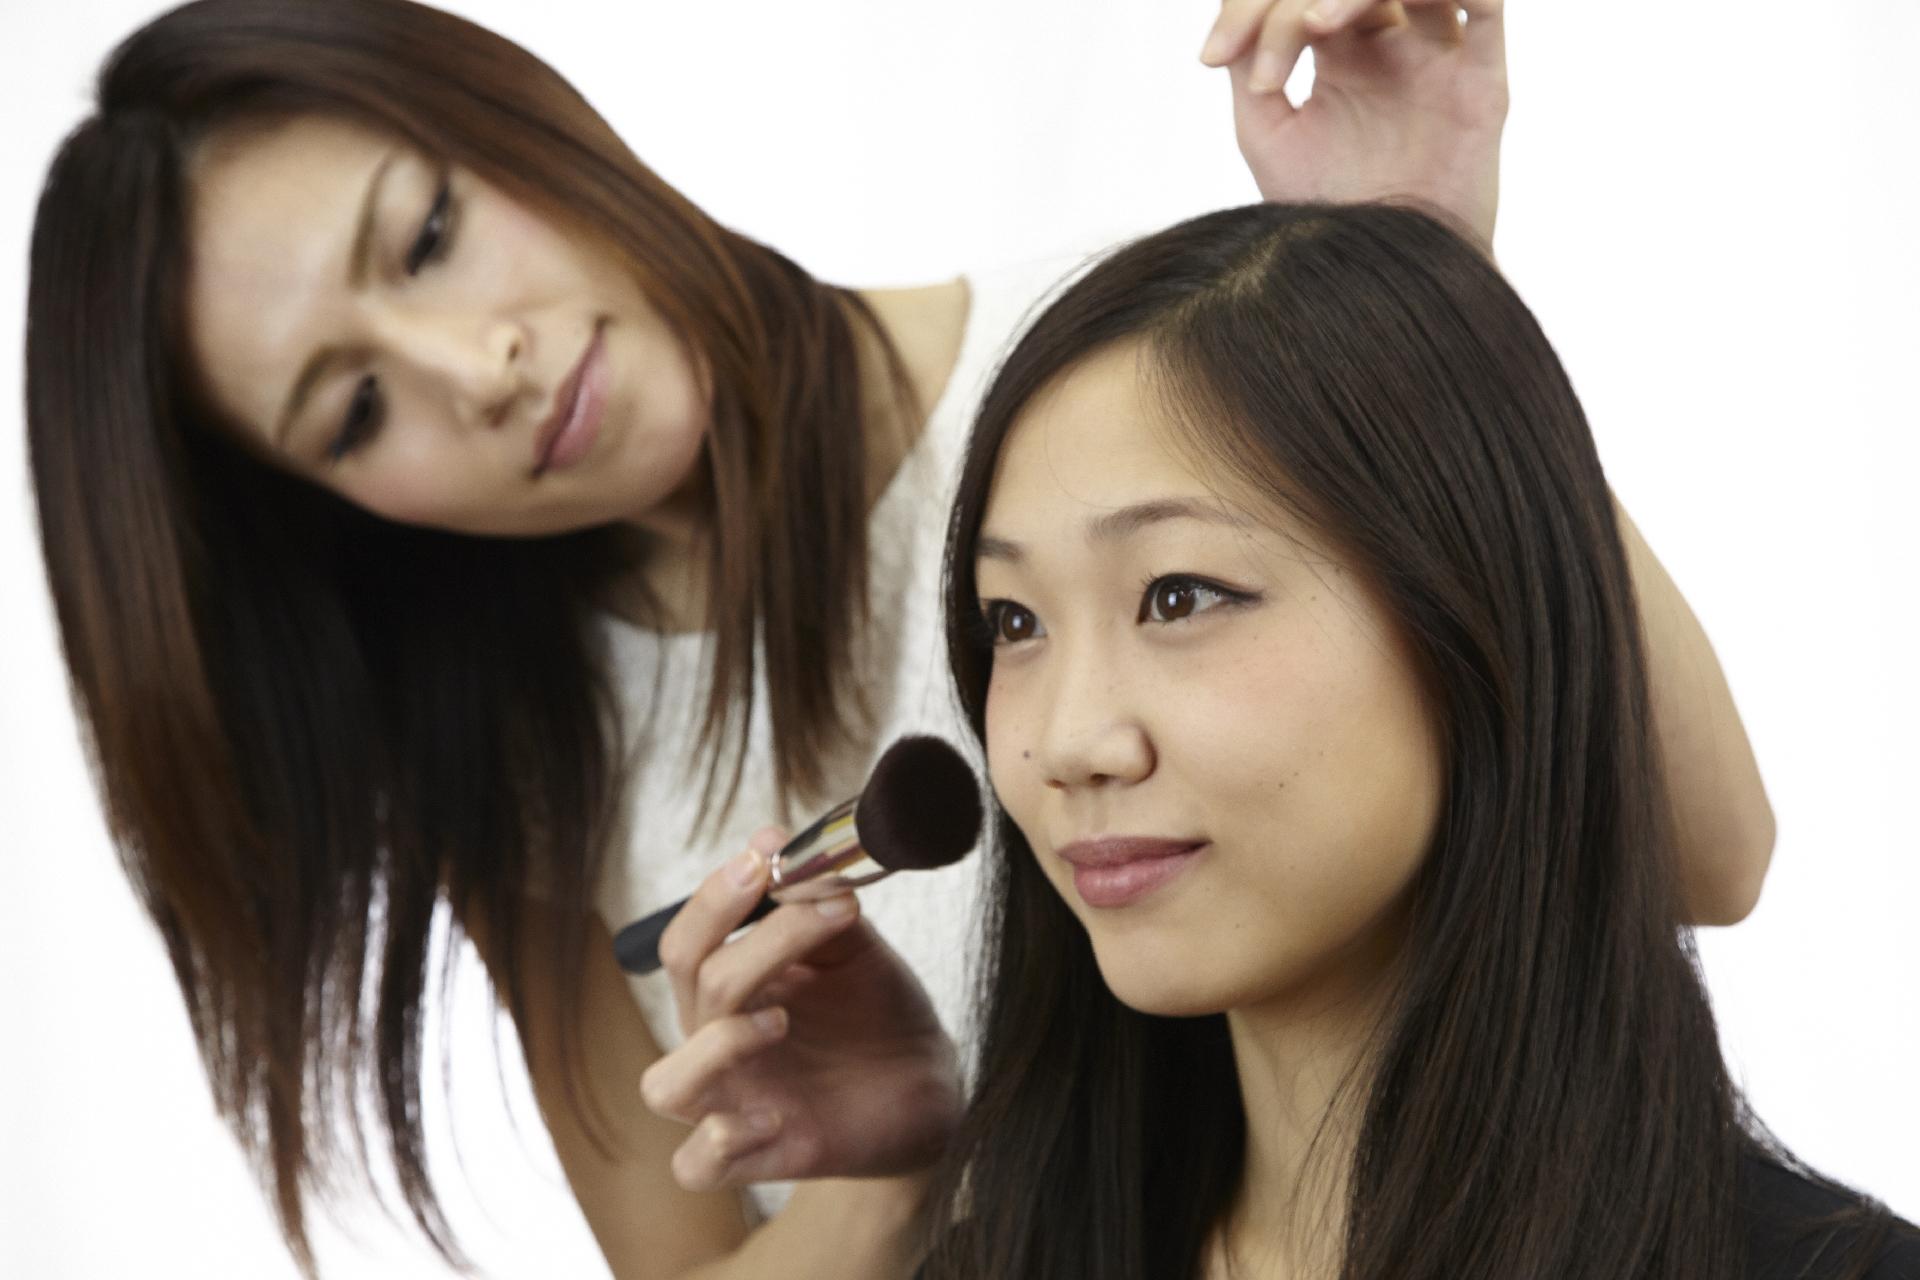 美容部員を辞めたい人へ=つらい仕事を上手に辞める方法